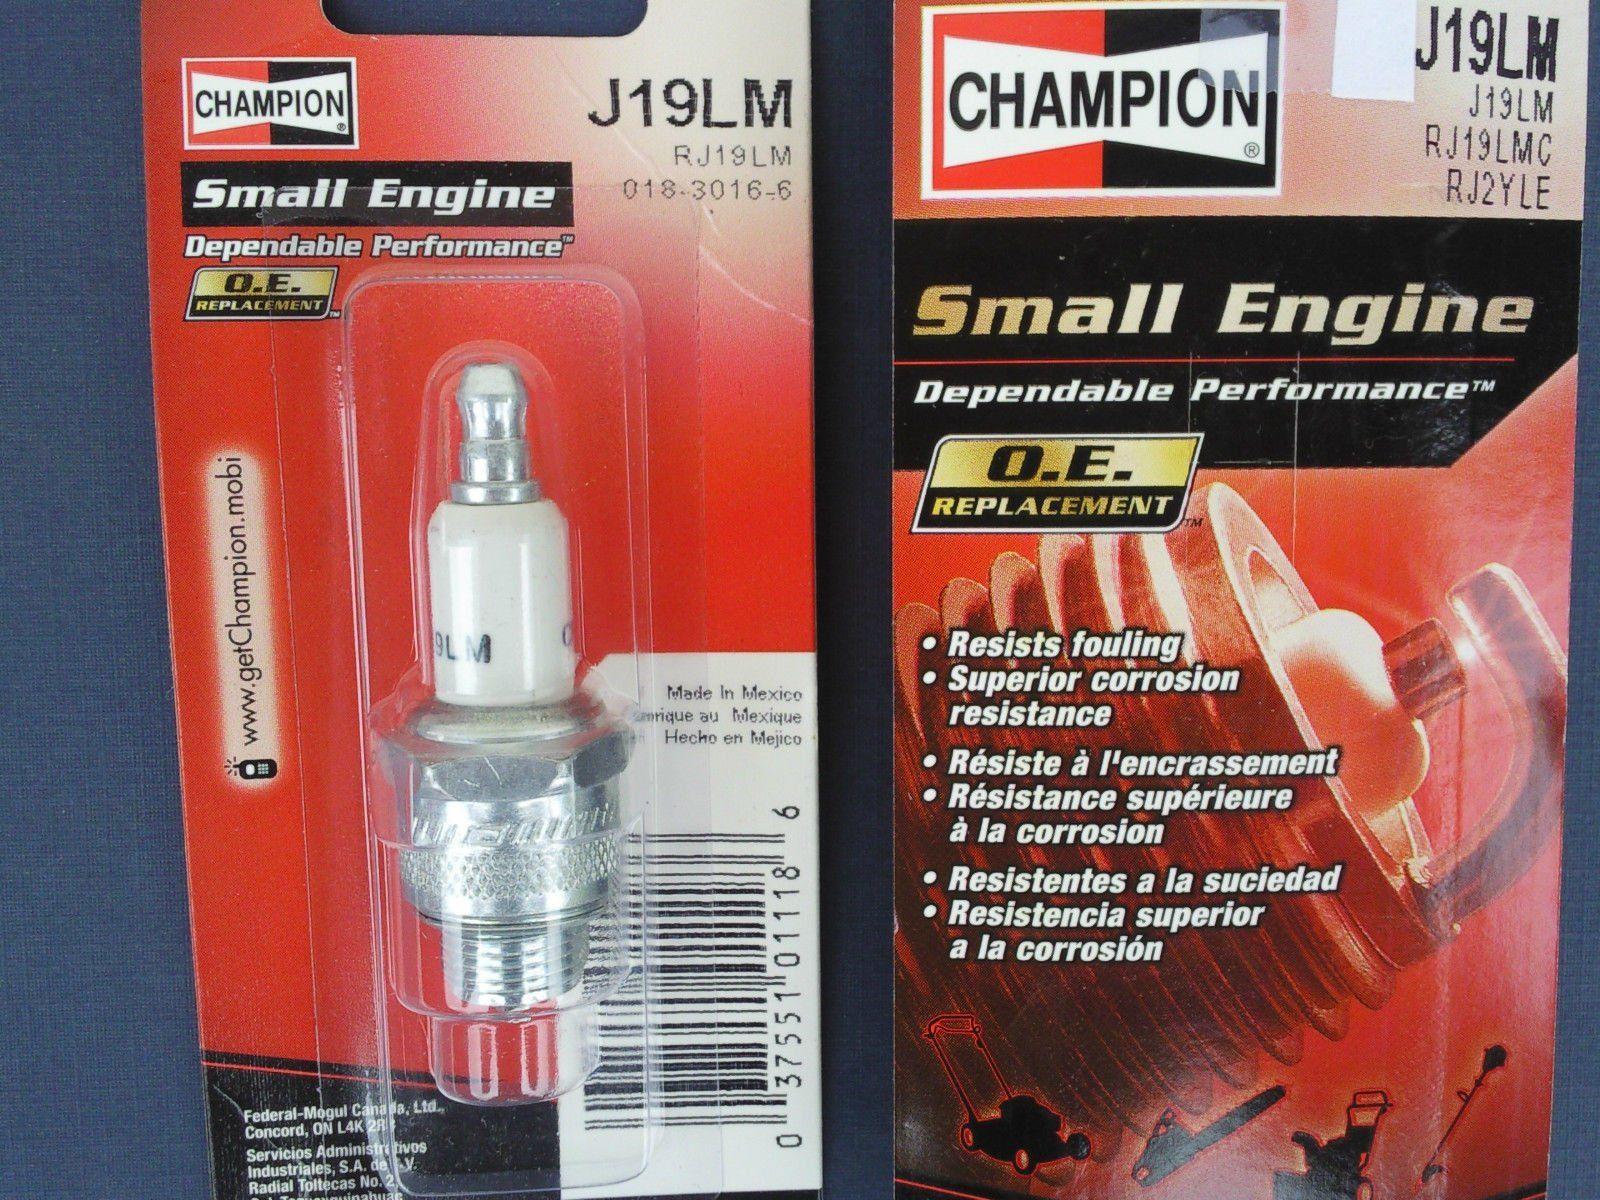 CHAMPION SPARK PLUG J19LM *8611 Replaces RJ19LM B2 B2LM B4LM